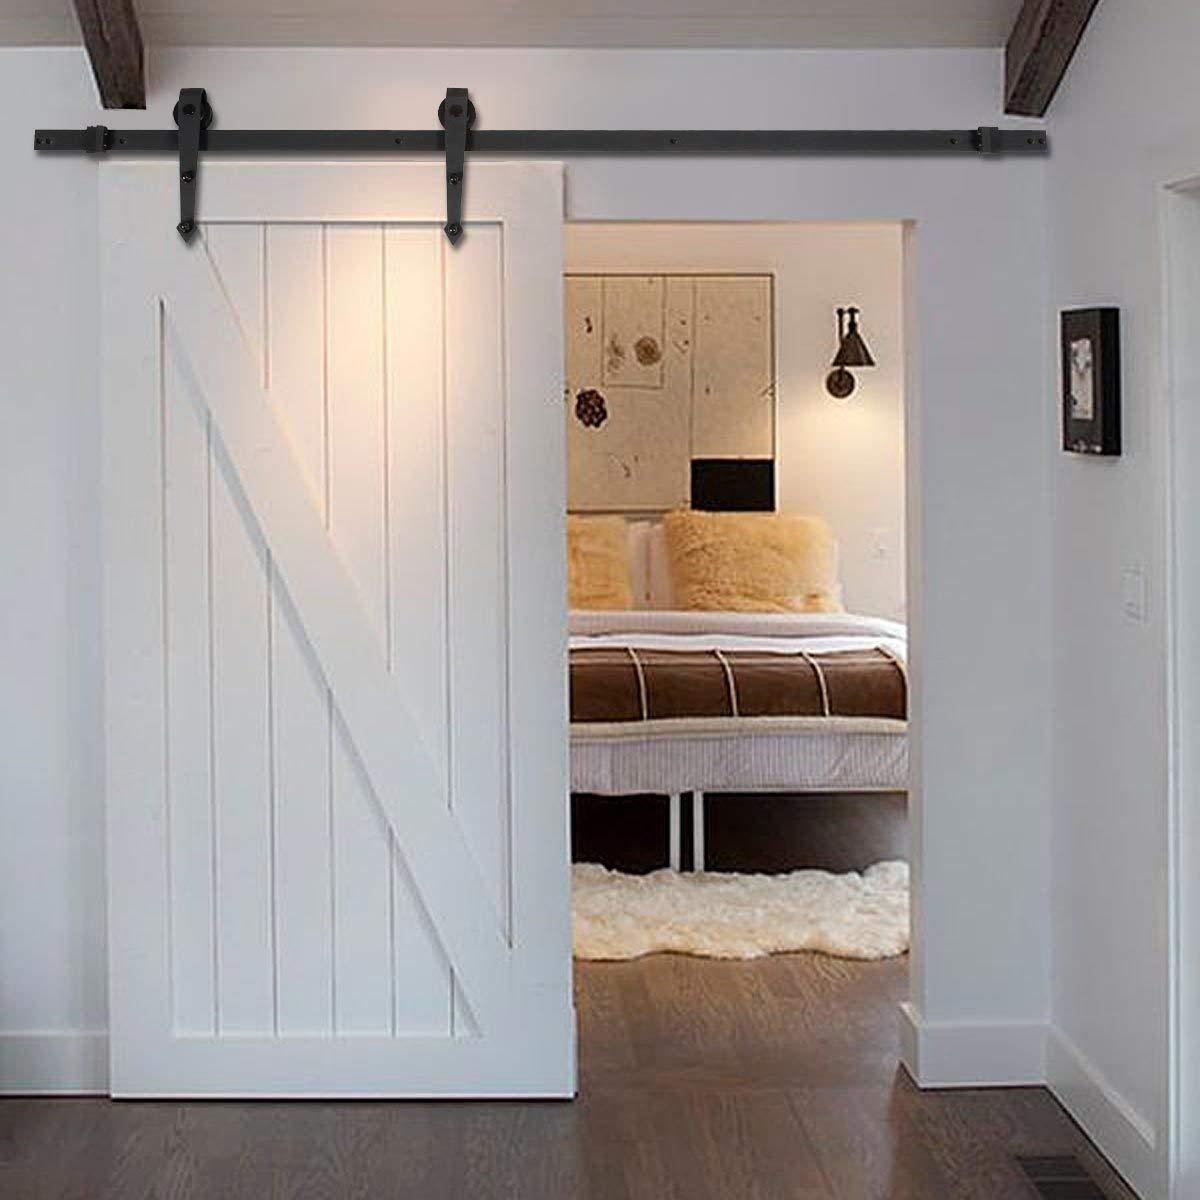 riel para puerta corredera estilo retro color negro barra de madera riel para puerta corredera Juego de herrajes para puerta corredera sistema de puerta corredera de 6 ft//183 cm